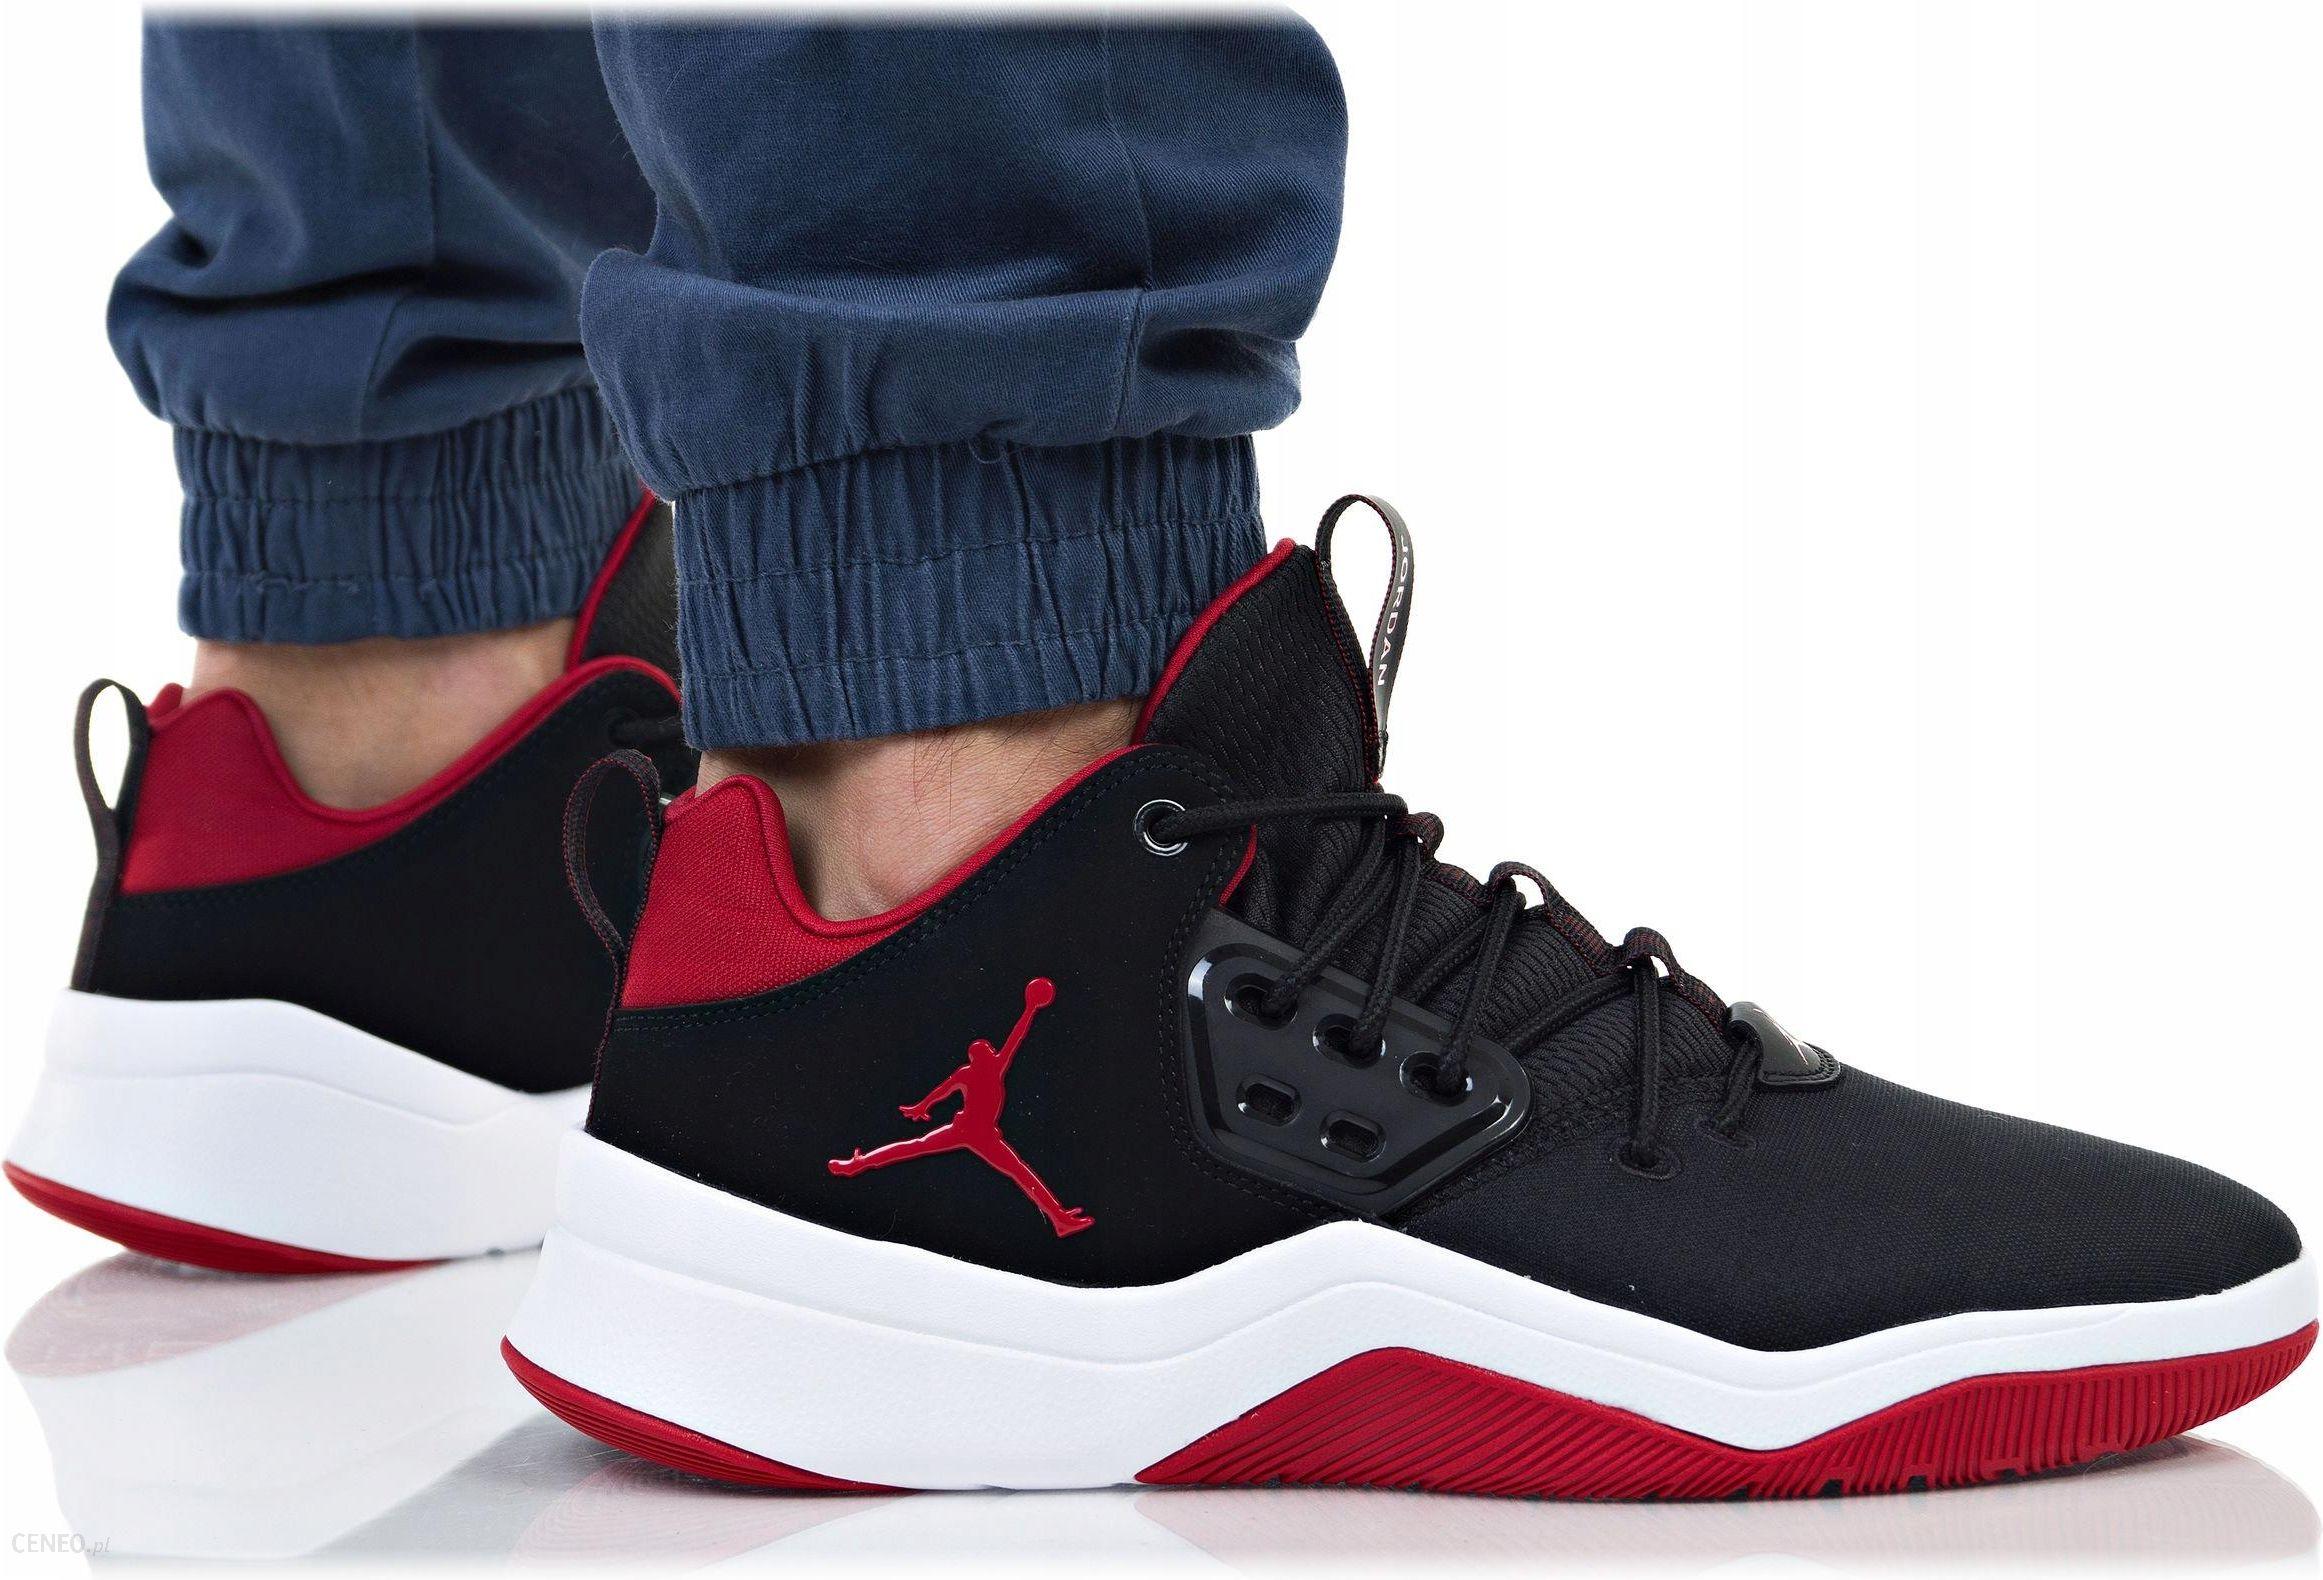 Nike Jordan DNA AO1539 006